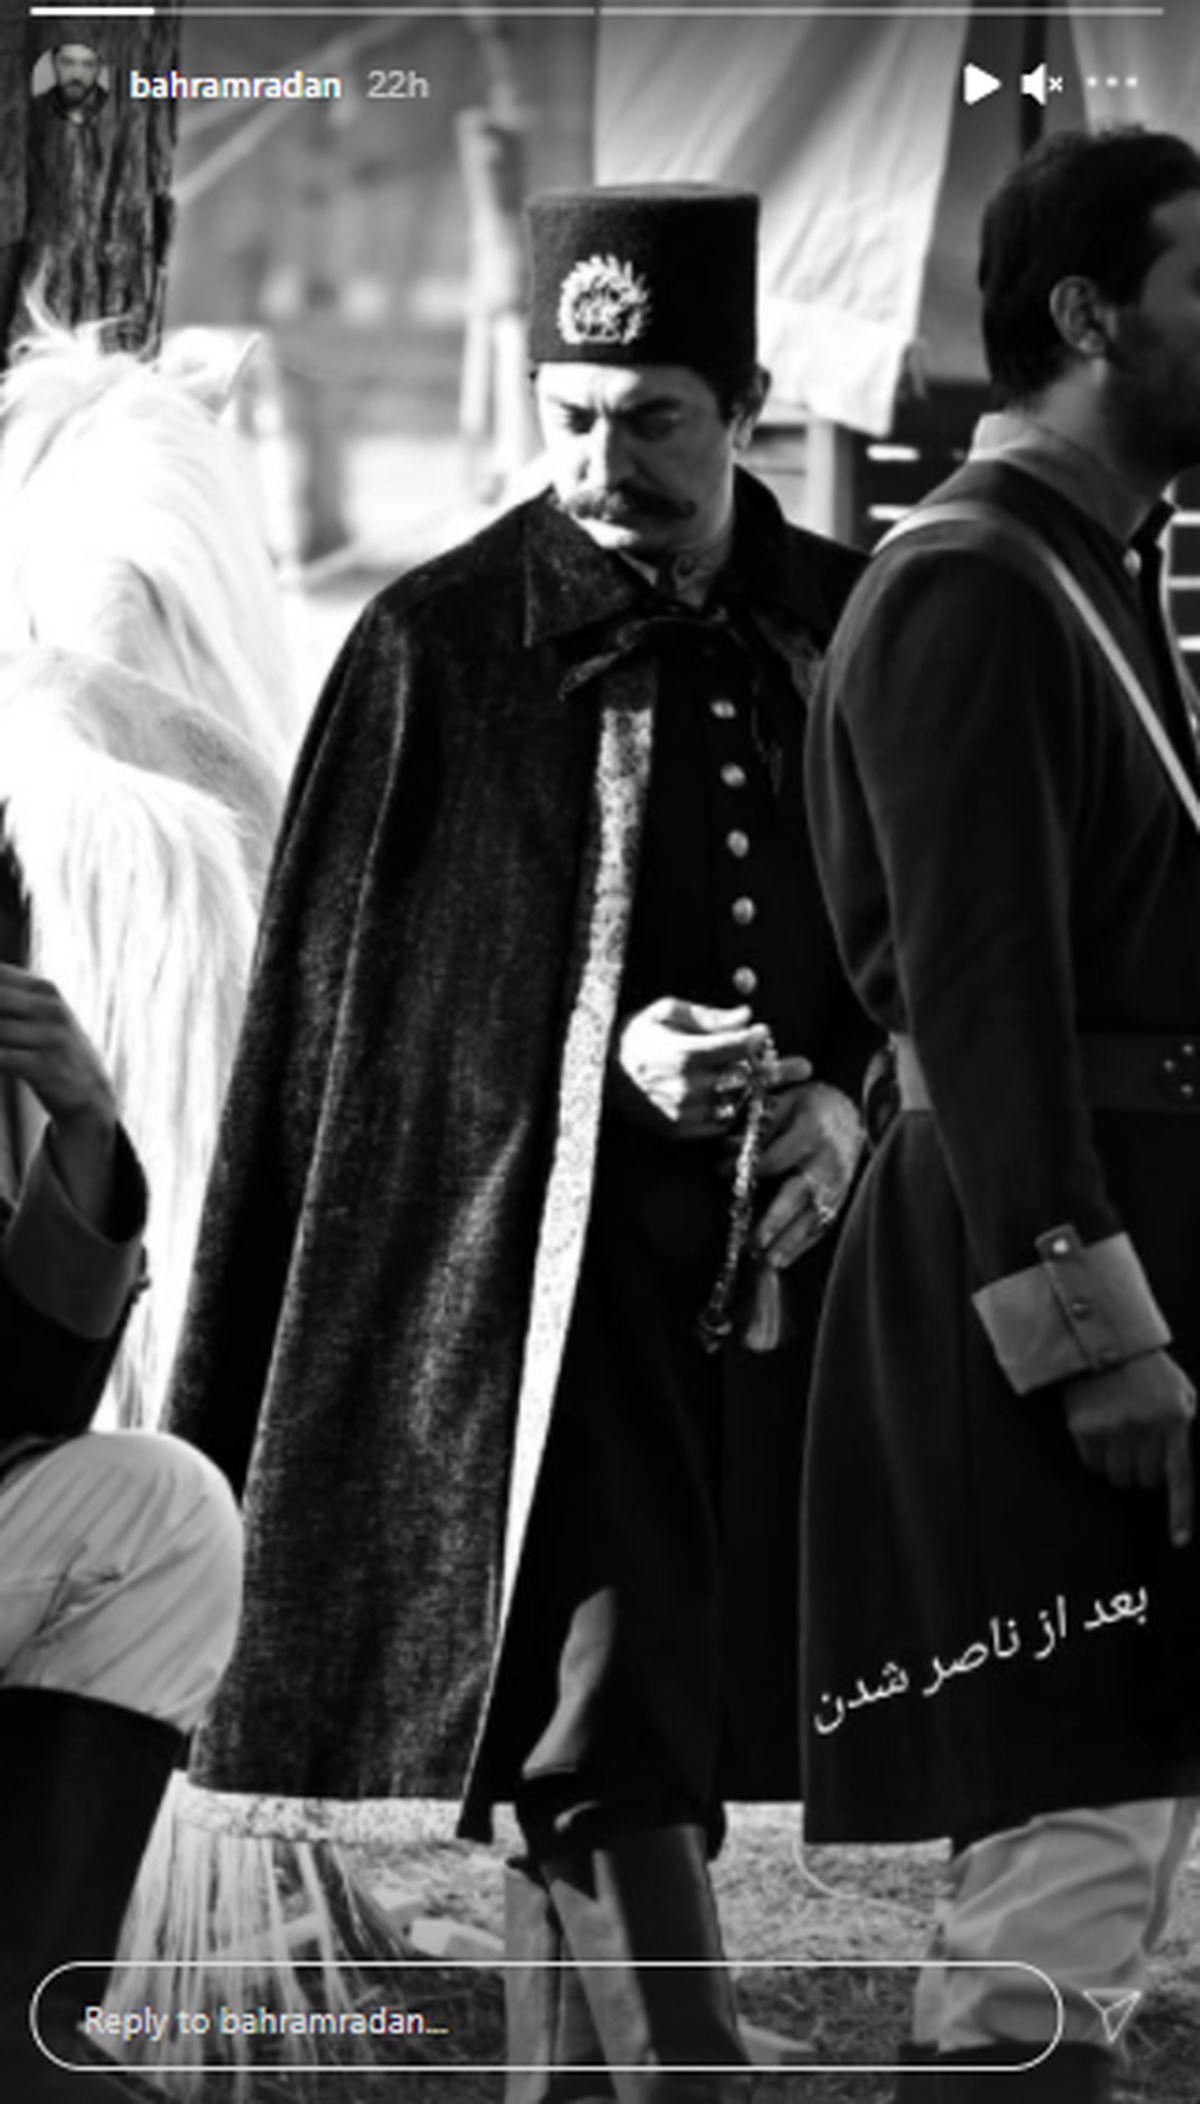 چهره جالب بهرام رادان در نقشِ ناصرالدین شاه+عکس